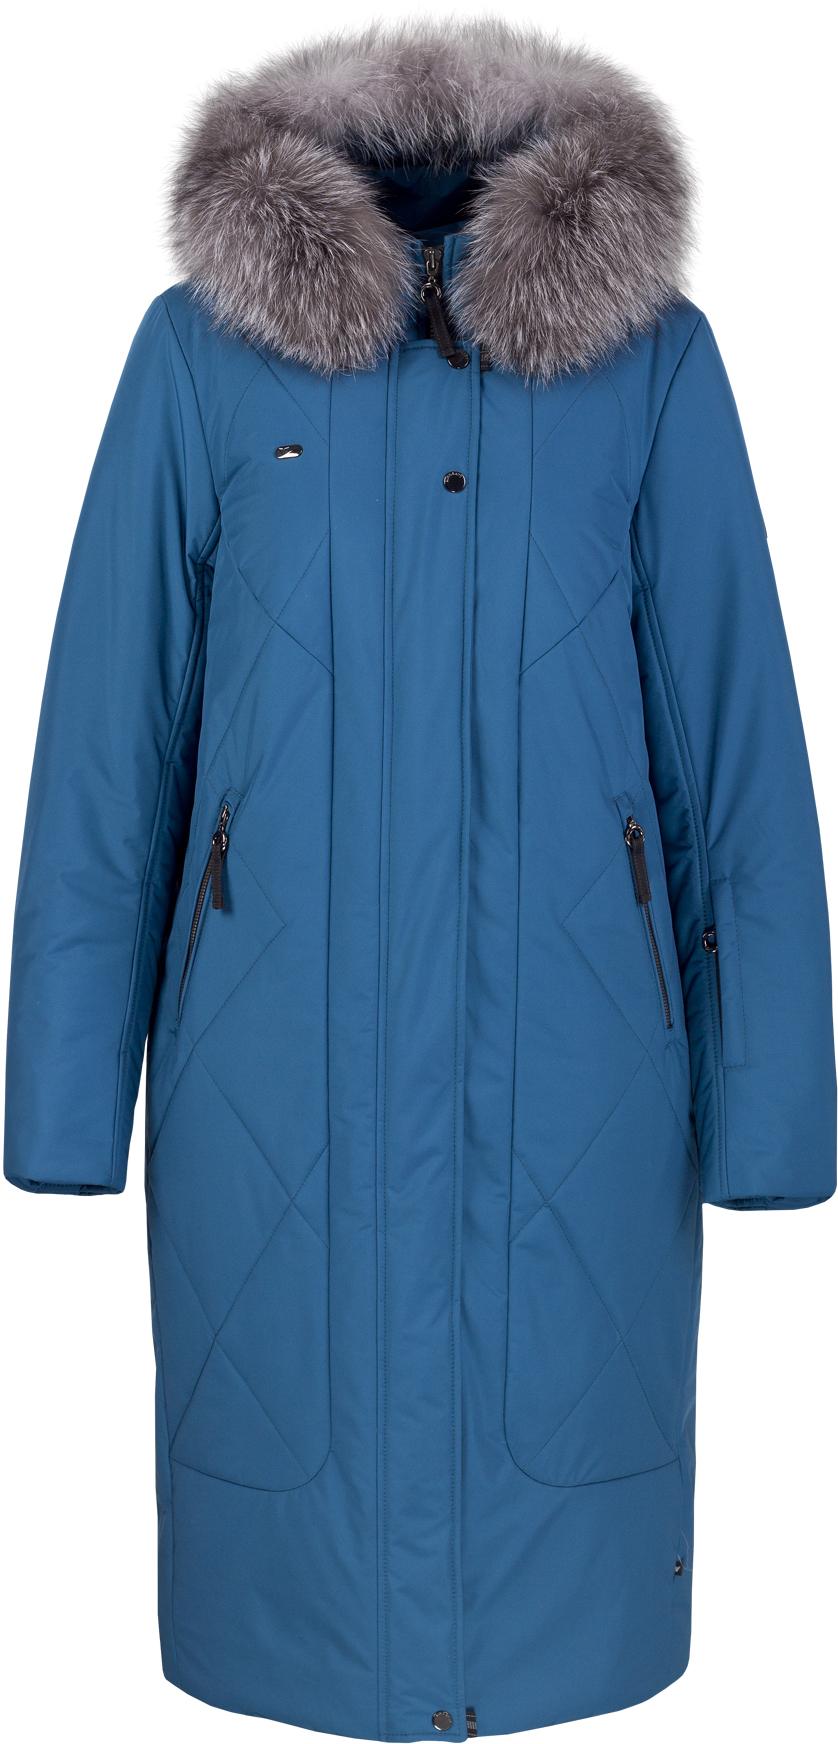 Куртка жен зима 3072F LimoLady — фото 1